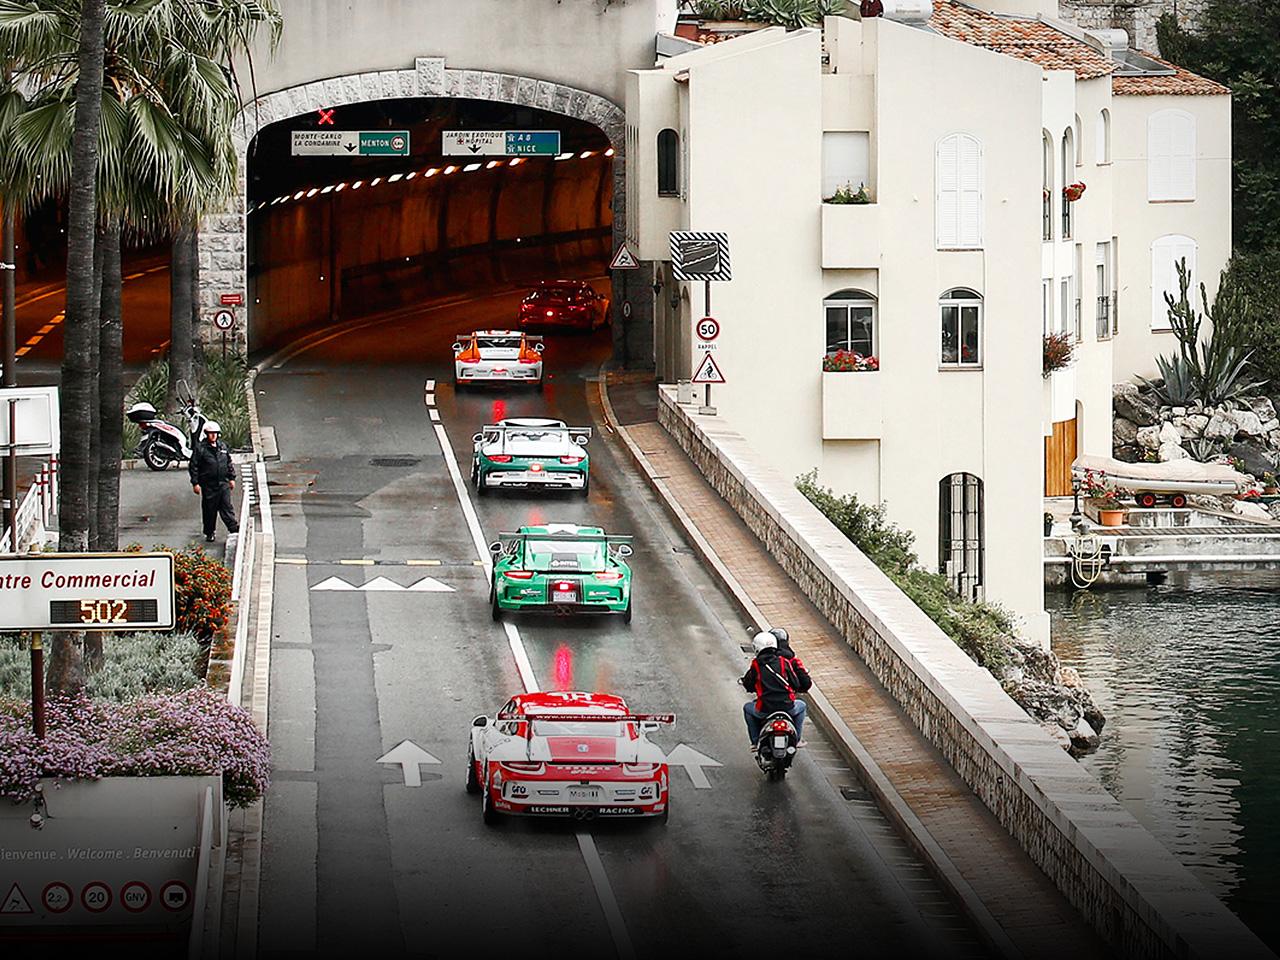 Porsche Manege frei